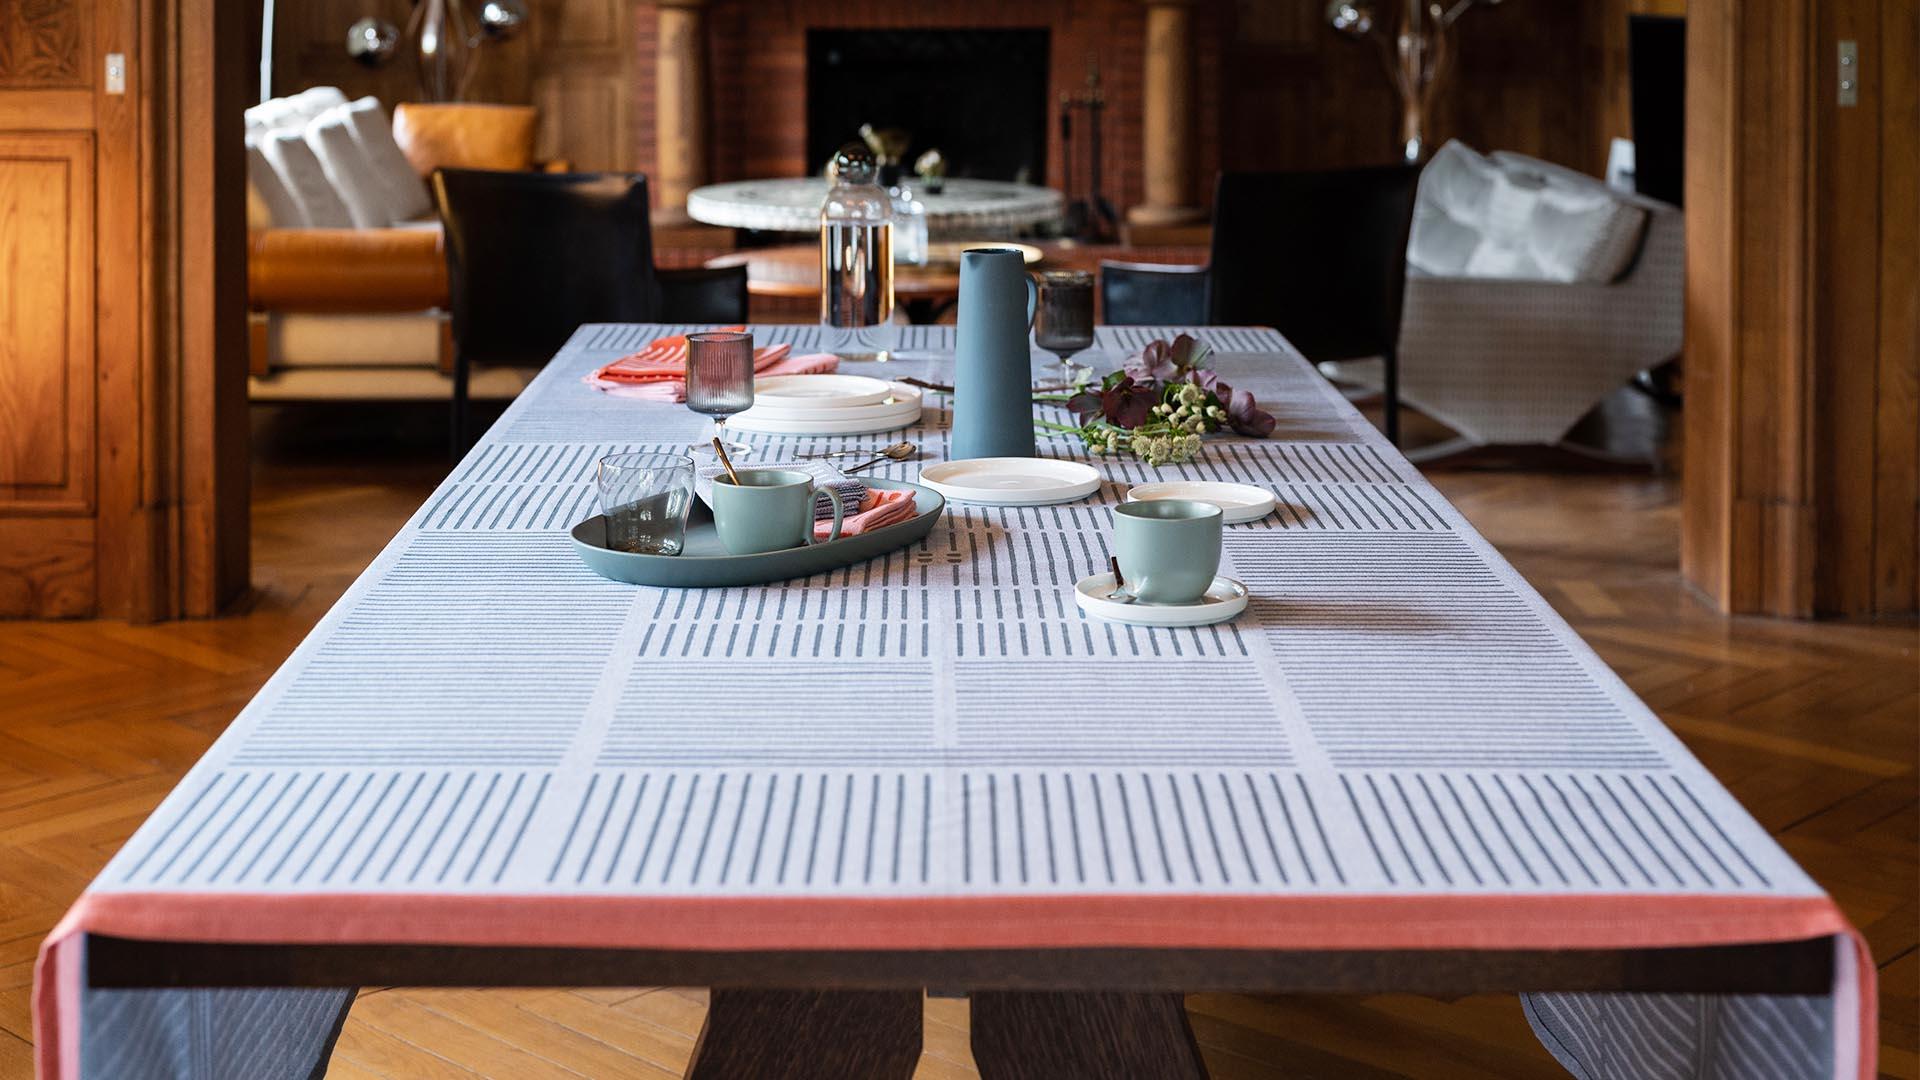 collection etxe le linge basque se réinvente avec un style contemporain pensé par le designer samuel accoceberry pour le tissage béarnais moutet